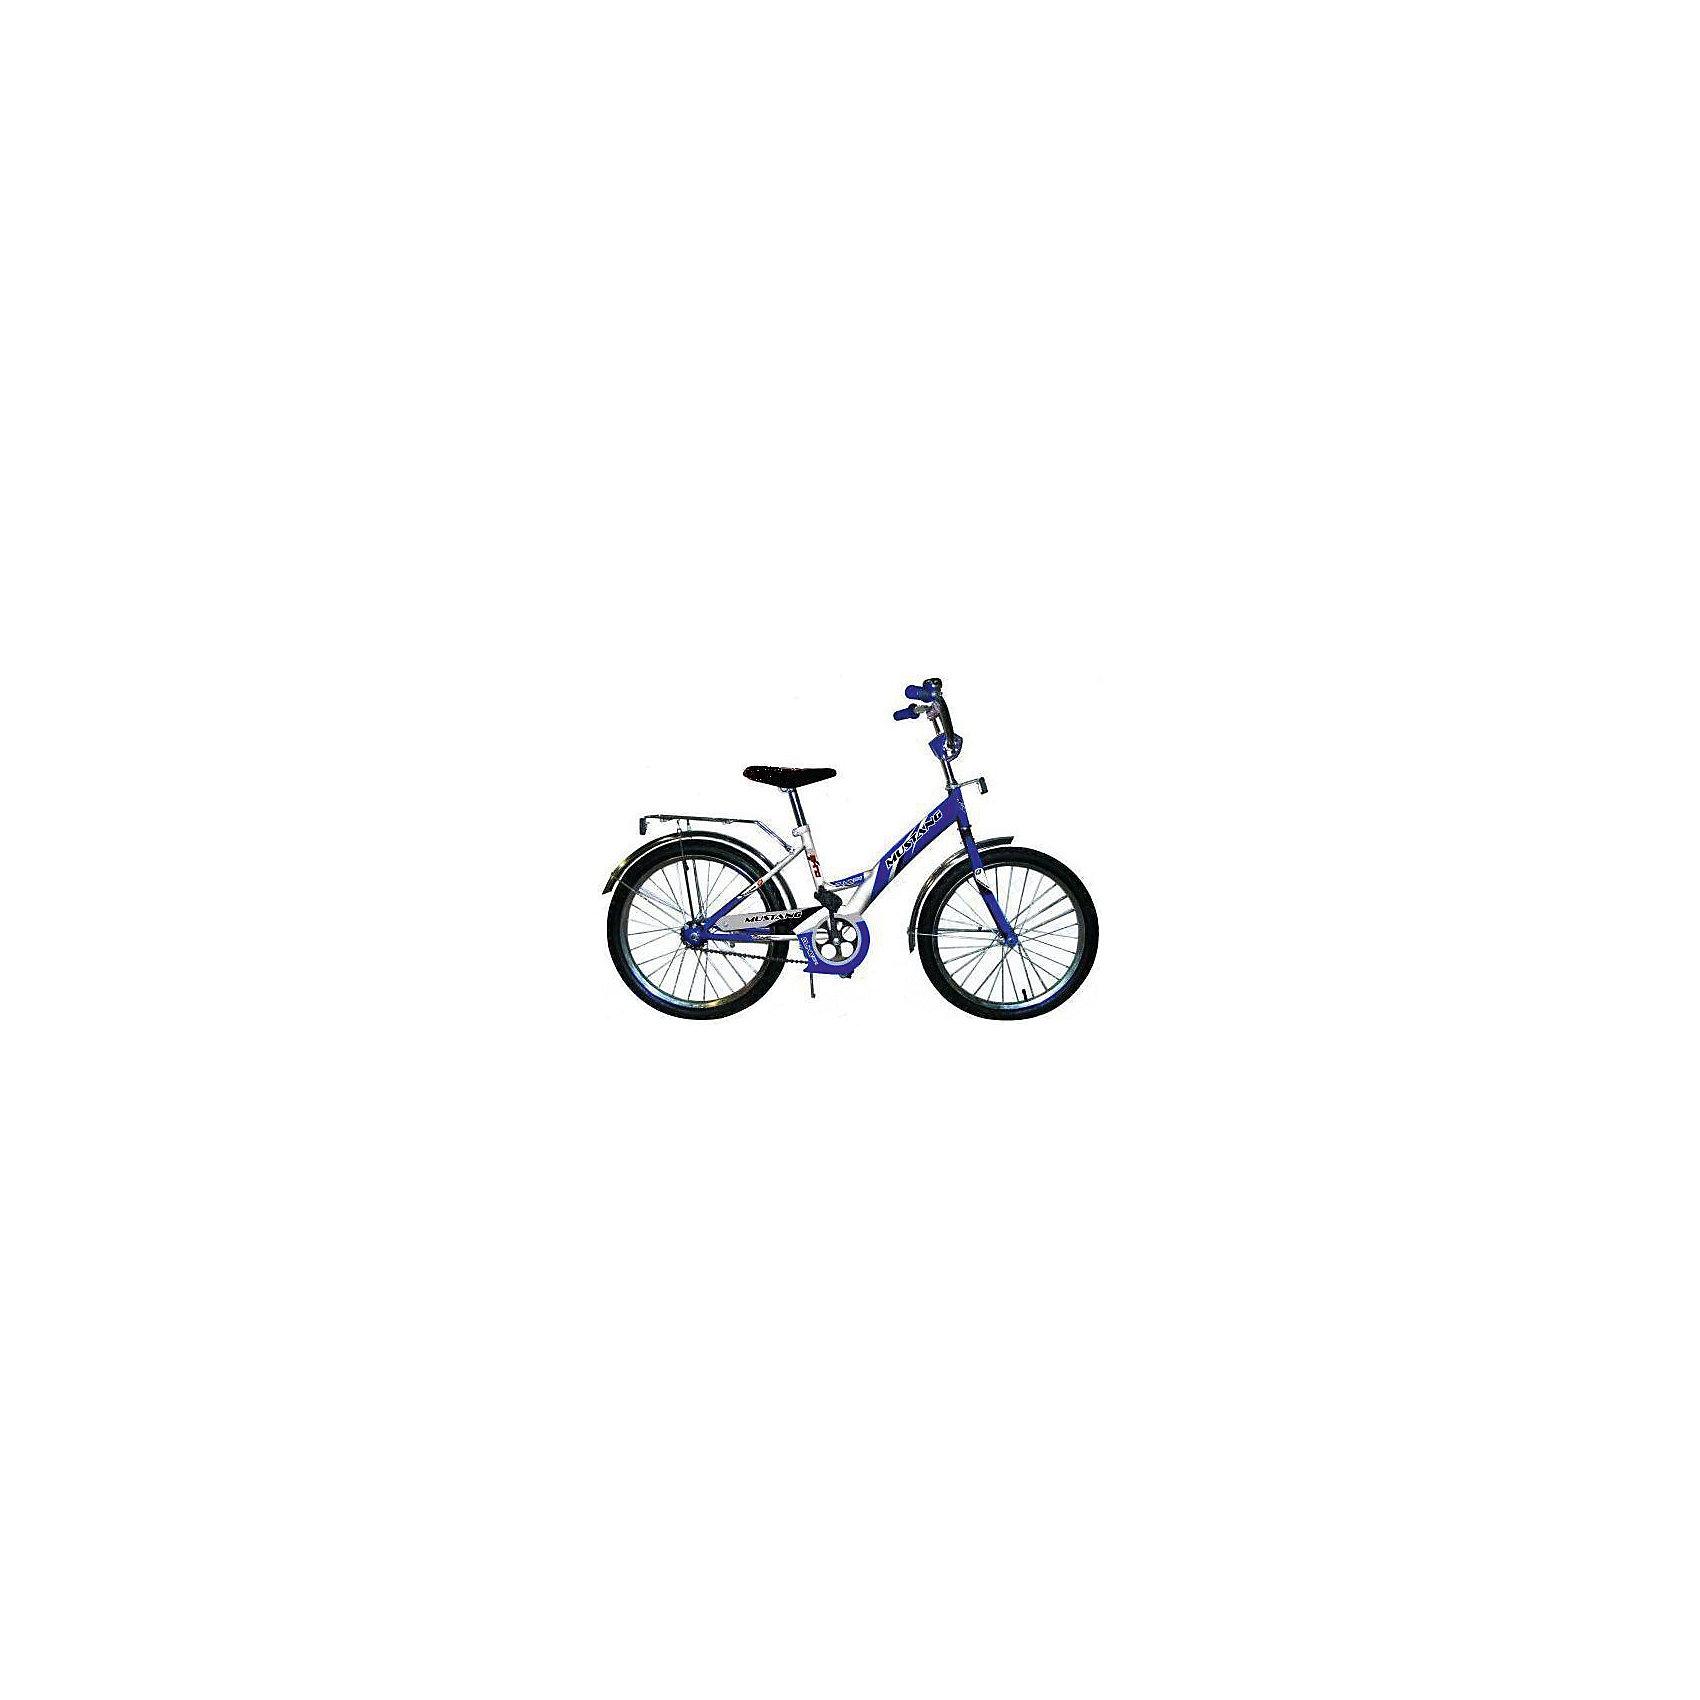 """Детский велосипед,  20,  синий/белый, MustangВелосипед детский «Mustang» 20, низкая рама, 1 скорость, задний ножной тормоз, регулируемый хромированный руль BMX с защитной накладкой, багажник, звонок, приставные пластиковые колеса с усиленным кронштейном, усиленные хромированные крылья, подножка средняя хромированная, полная защита цепи """"Р"""" типа,  синий/белый<br><br>Ширина мм: 580<br>Глубина мм: 920<br>Высота мм: 1290<br>Вес г: 13800<br>Возраст от месяцев: 48<br>Возраст до месяцев: 120<br>Пол: Мужской<br>Возраст: Детский<br>SKU: 5526373"""